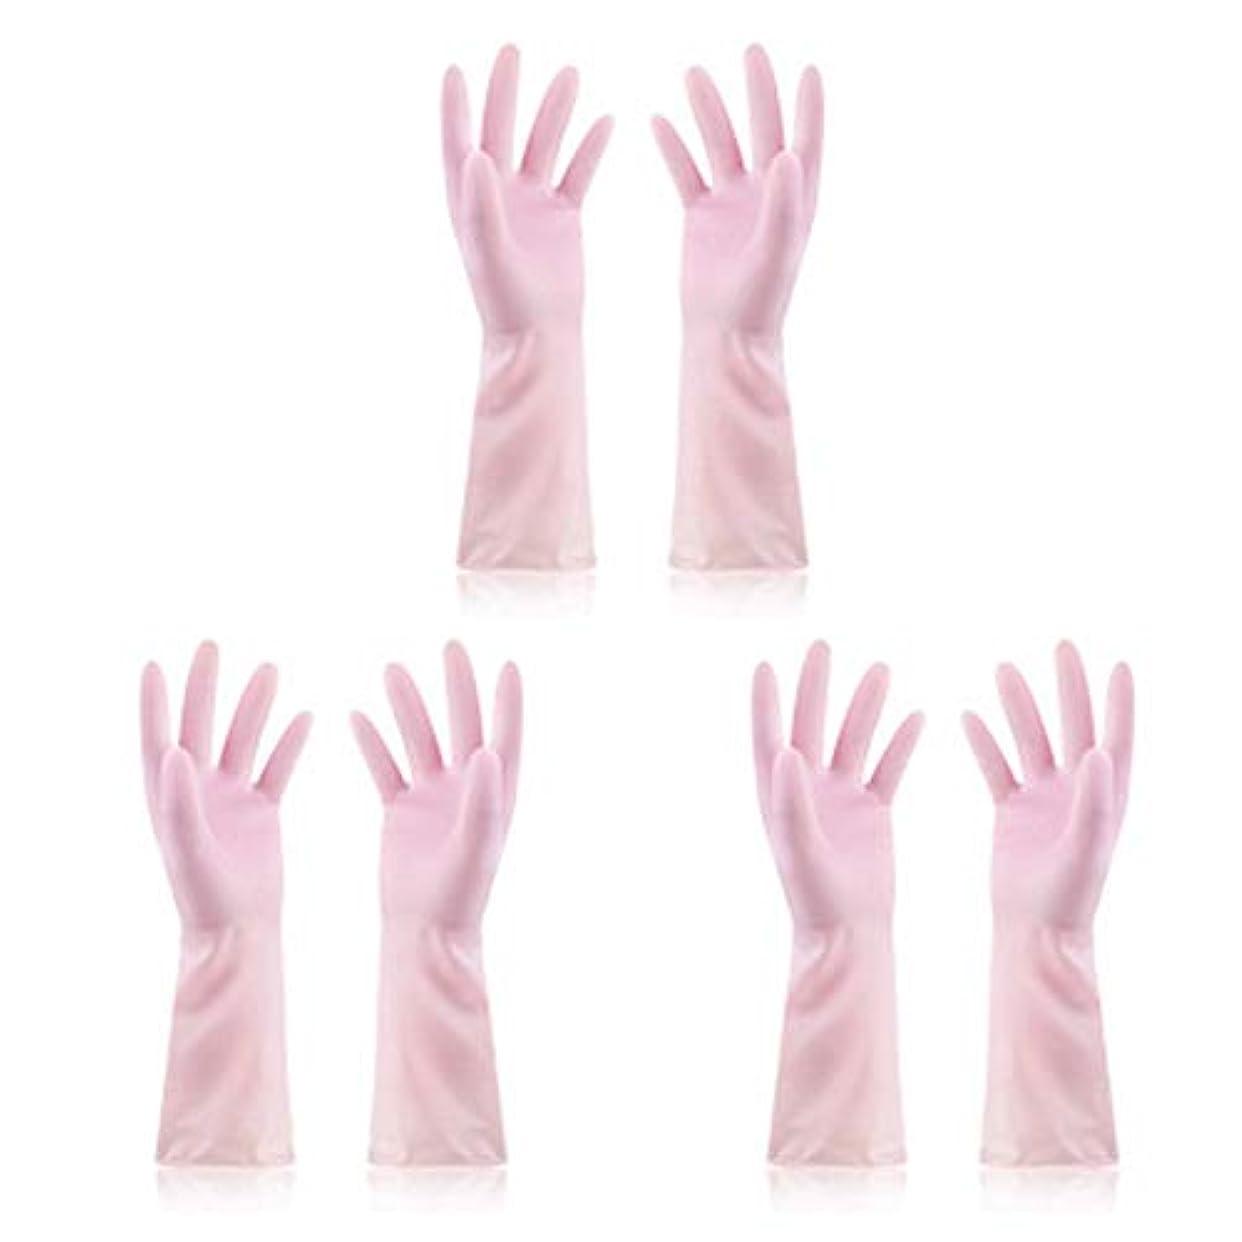 相互トピック寸法ニトリルゴム手袋 使い捨て手袋防水ラテックス焦げ付き防止ゴム製ゴム製台所手袋、3組 使い捨て手袋 (Color : Pink, Size : M)